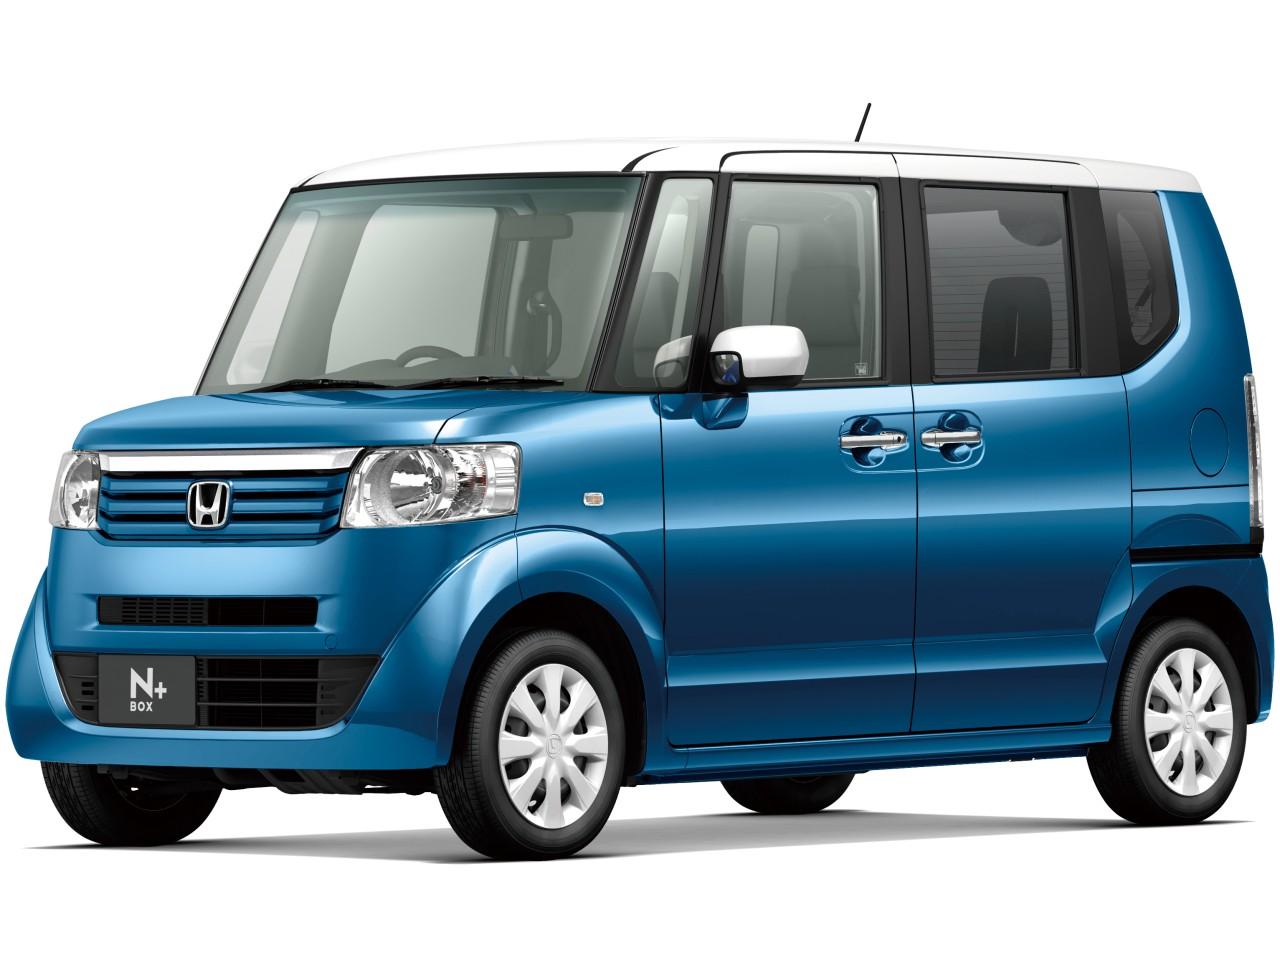 ホンダ N-BOX + 2012年モデル 新車画像